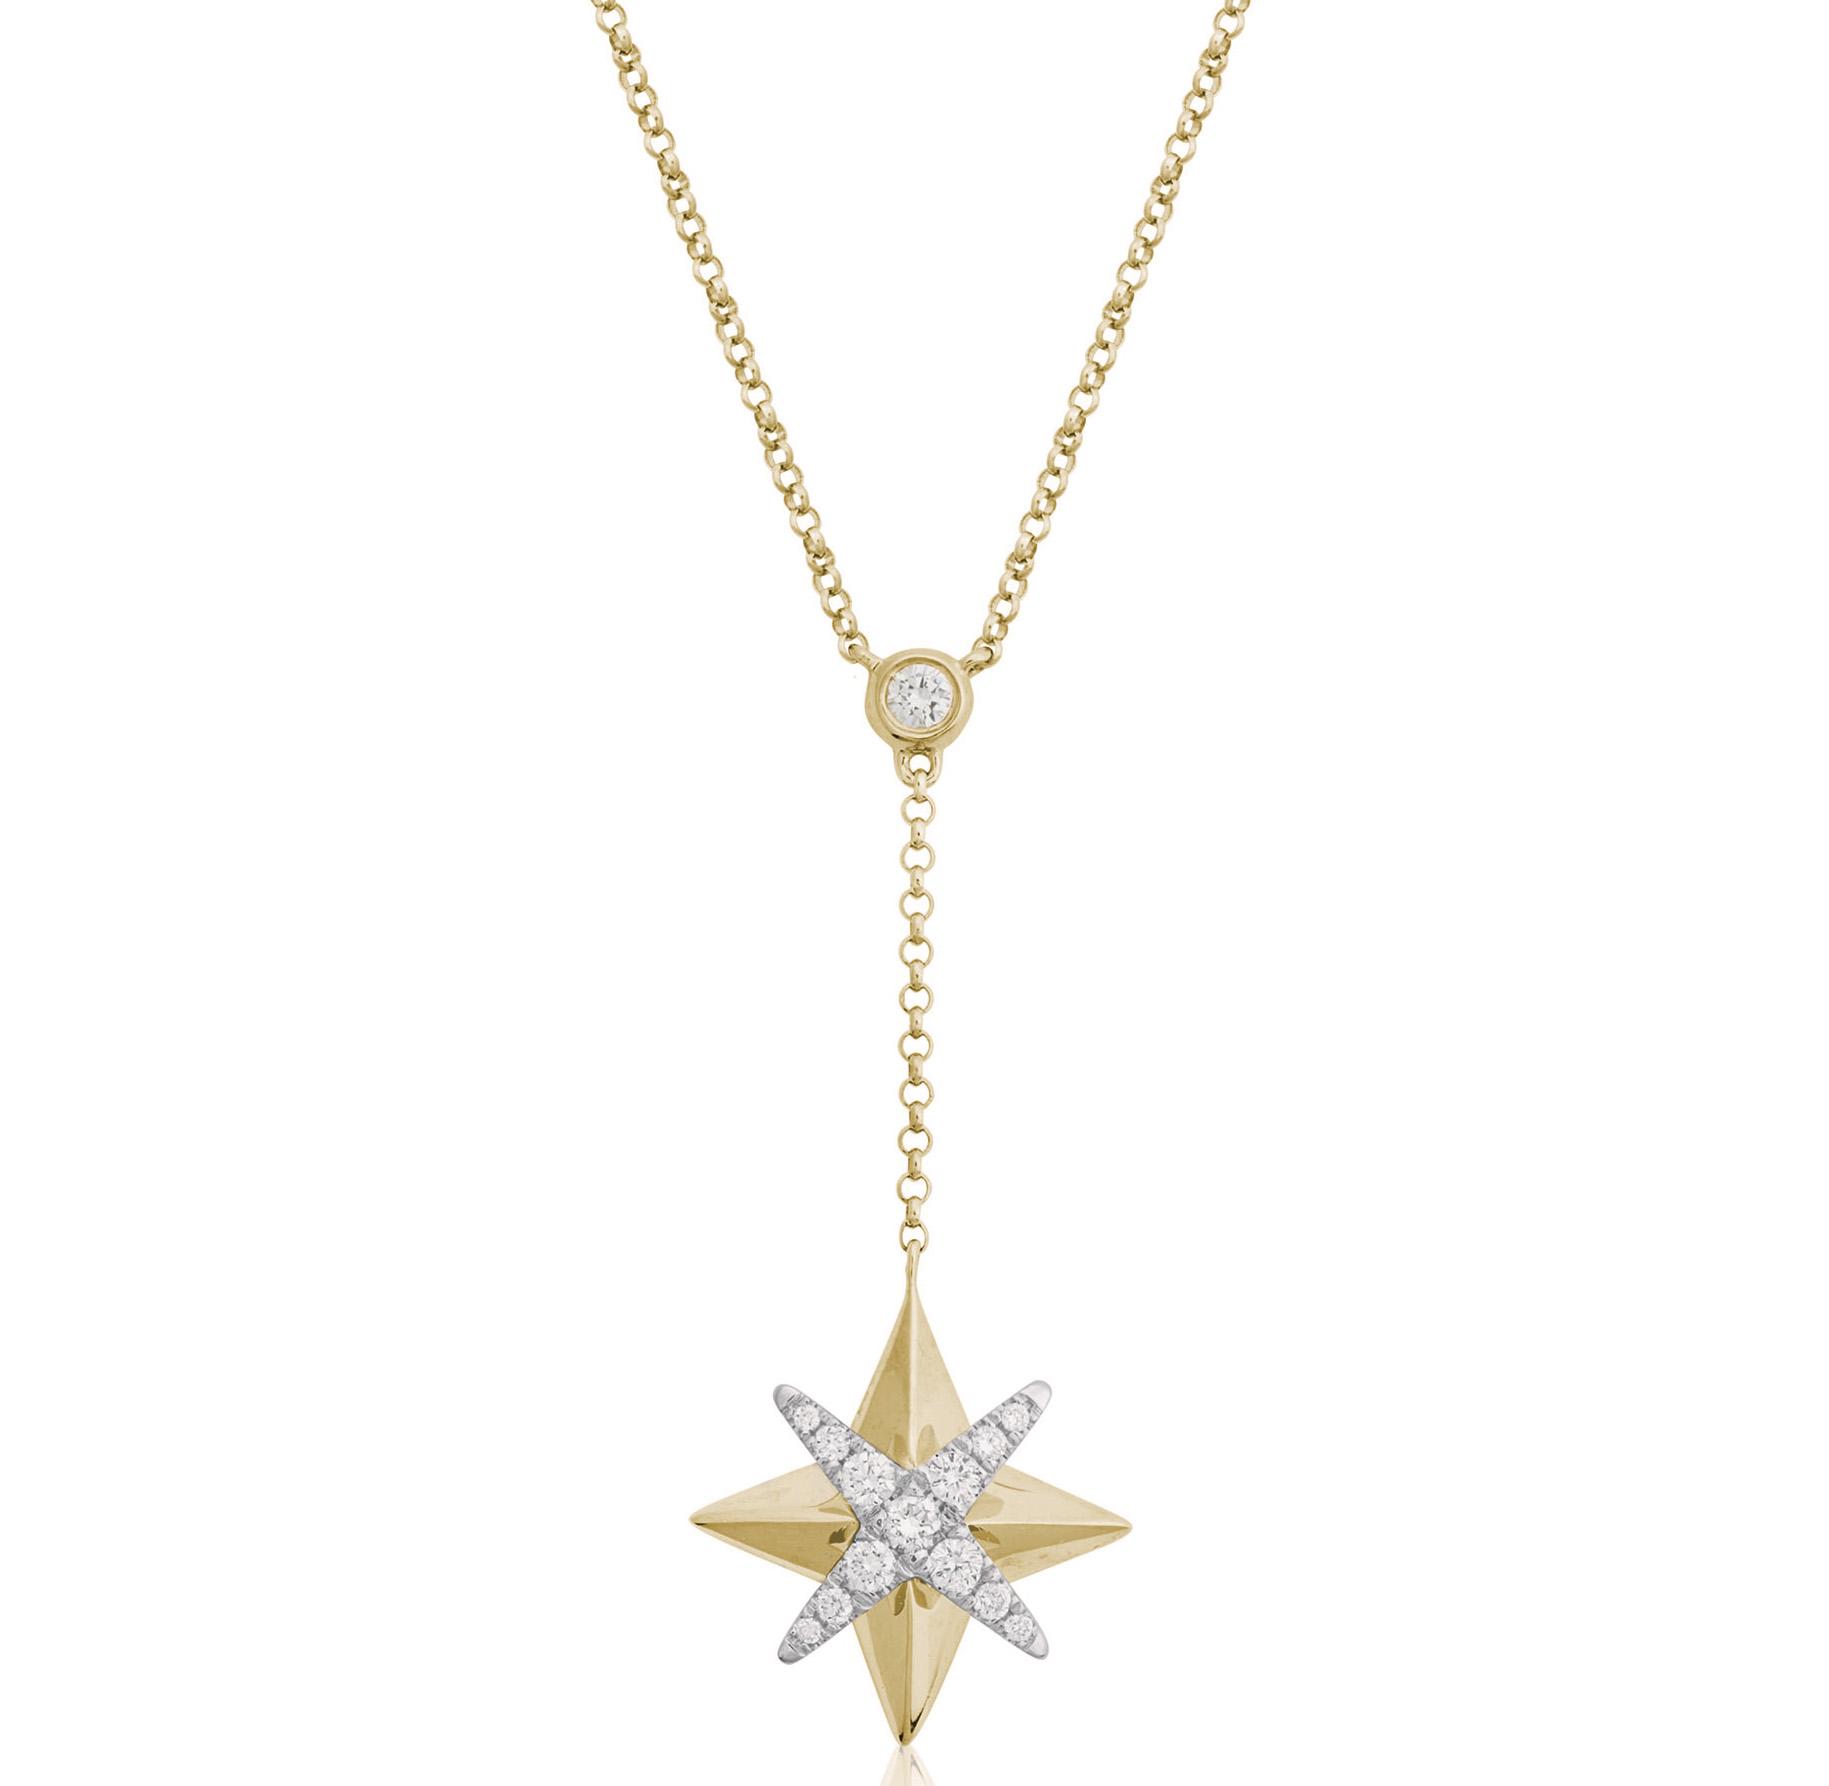 Artistry Ltd. Celeste pendant